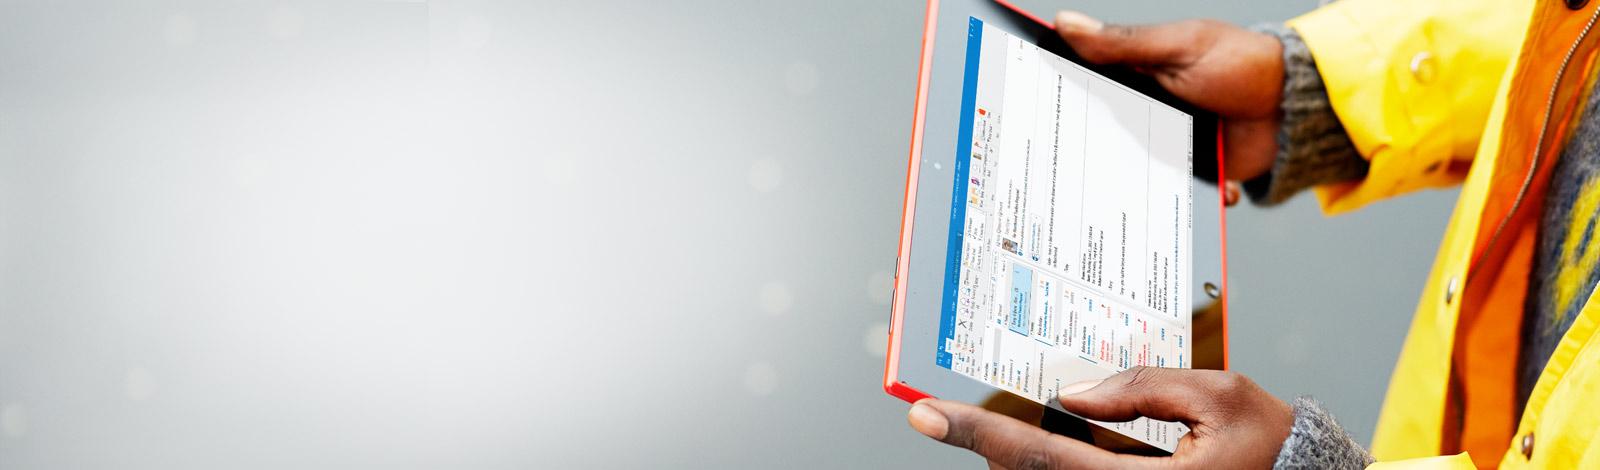 अपने हाथों में एक टैबलेट पकड़ा हुआ एक आदमी. Office 365 के साथ आप कहीं से भी कार्य कर सकते हैं.